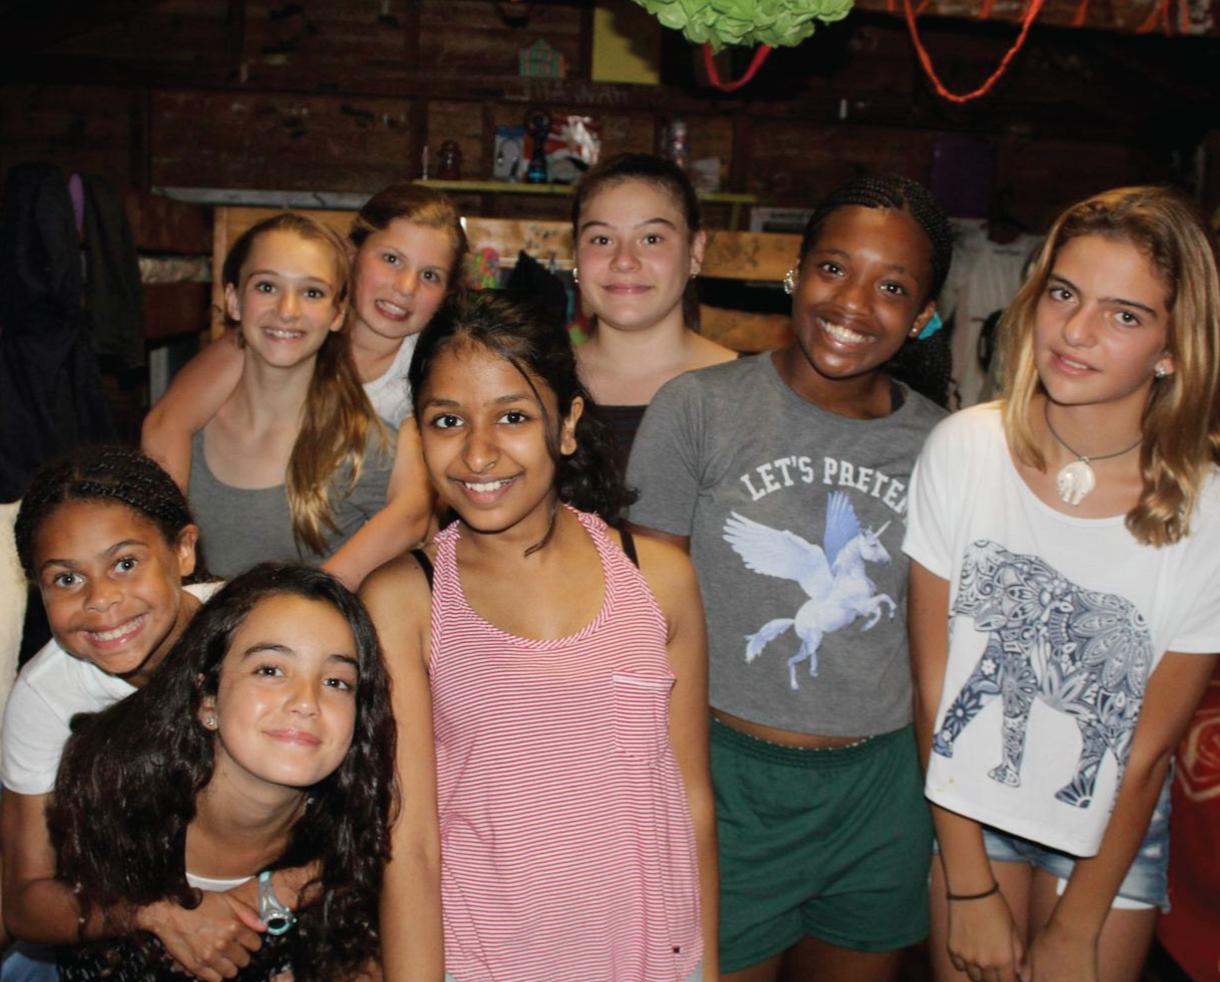 2-Week Camp Netimus for Girls + FREE Transportation